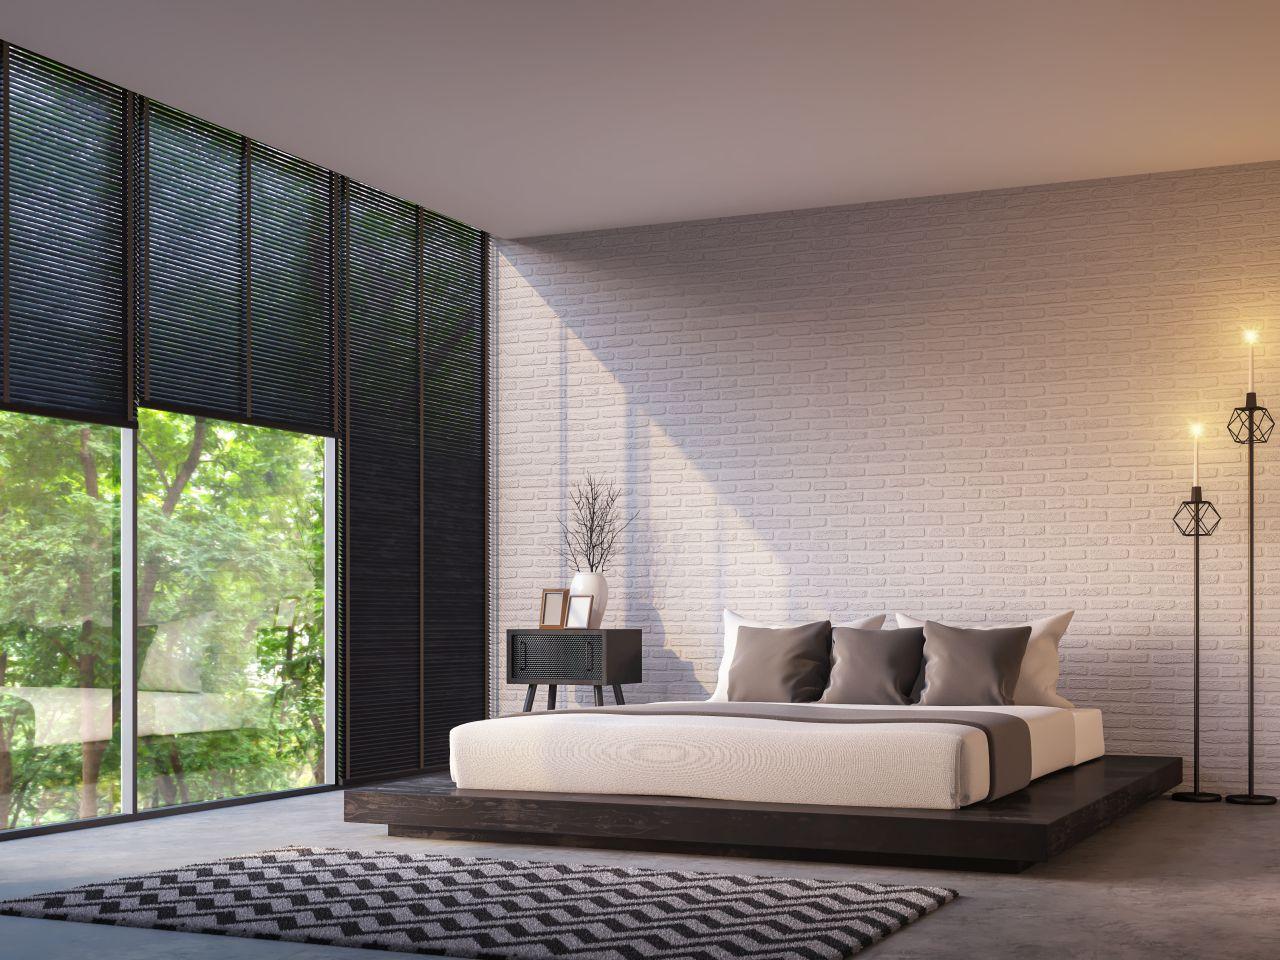 Modne i praktyczne – jakie zasłony wybrać do sypialni?